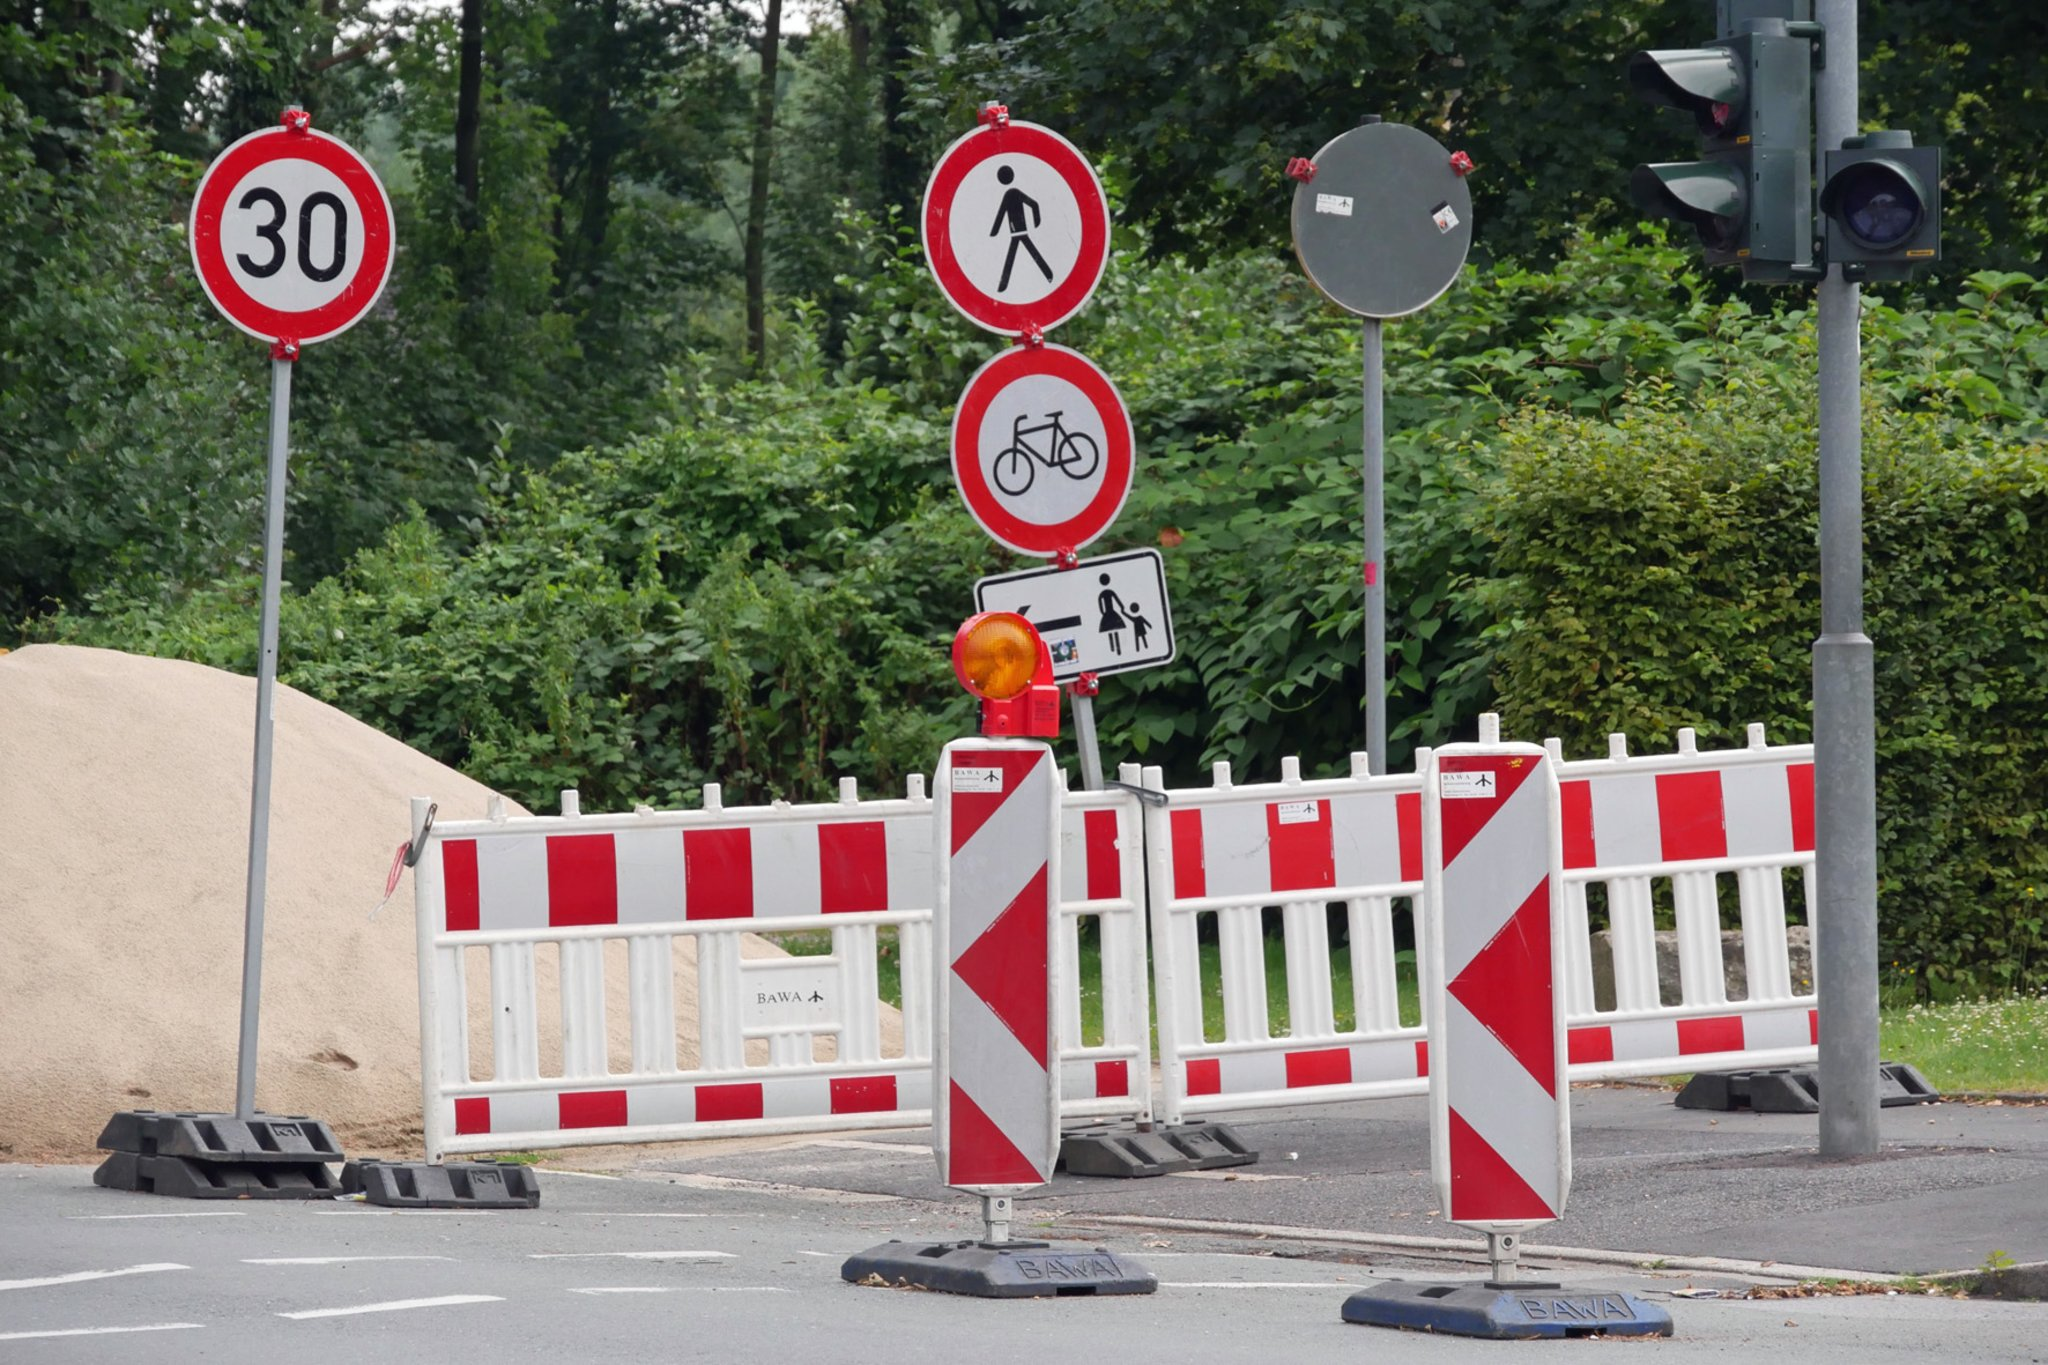 Druckrohrleitung werden verlegt: Rappaportstraße von Baustelle betroffen - Lokalkompass.de